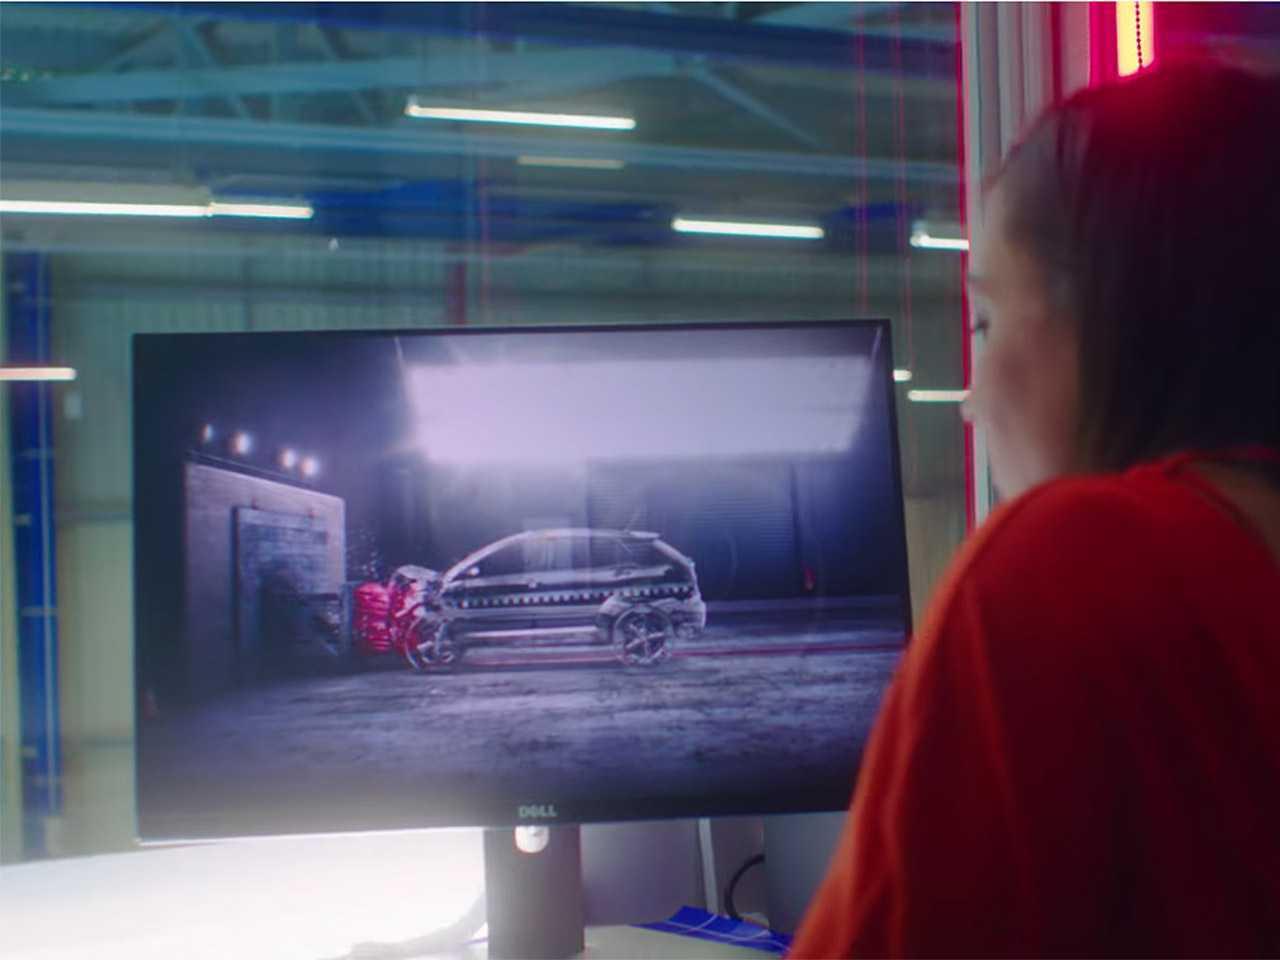 Imagem antecipando a possível silhueta do projeto 363 da Fiat